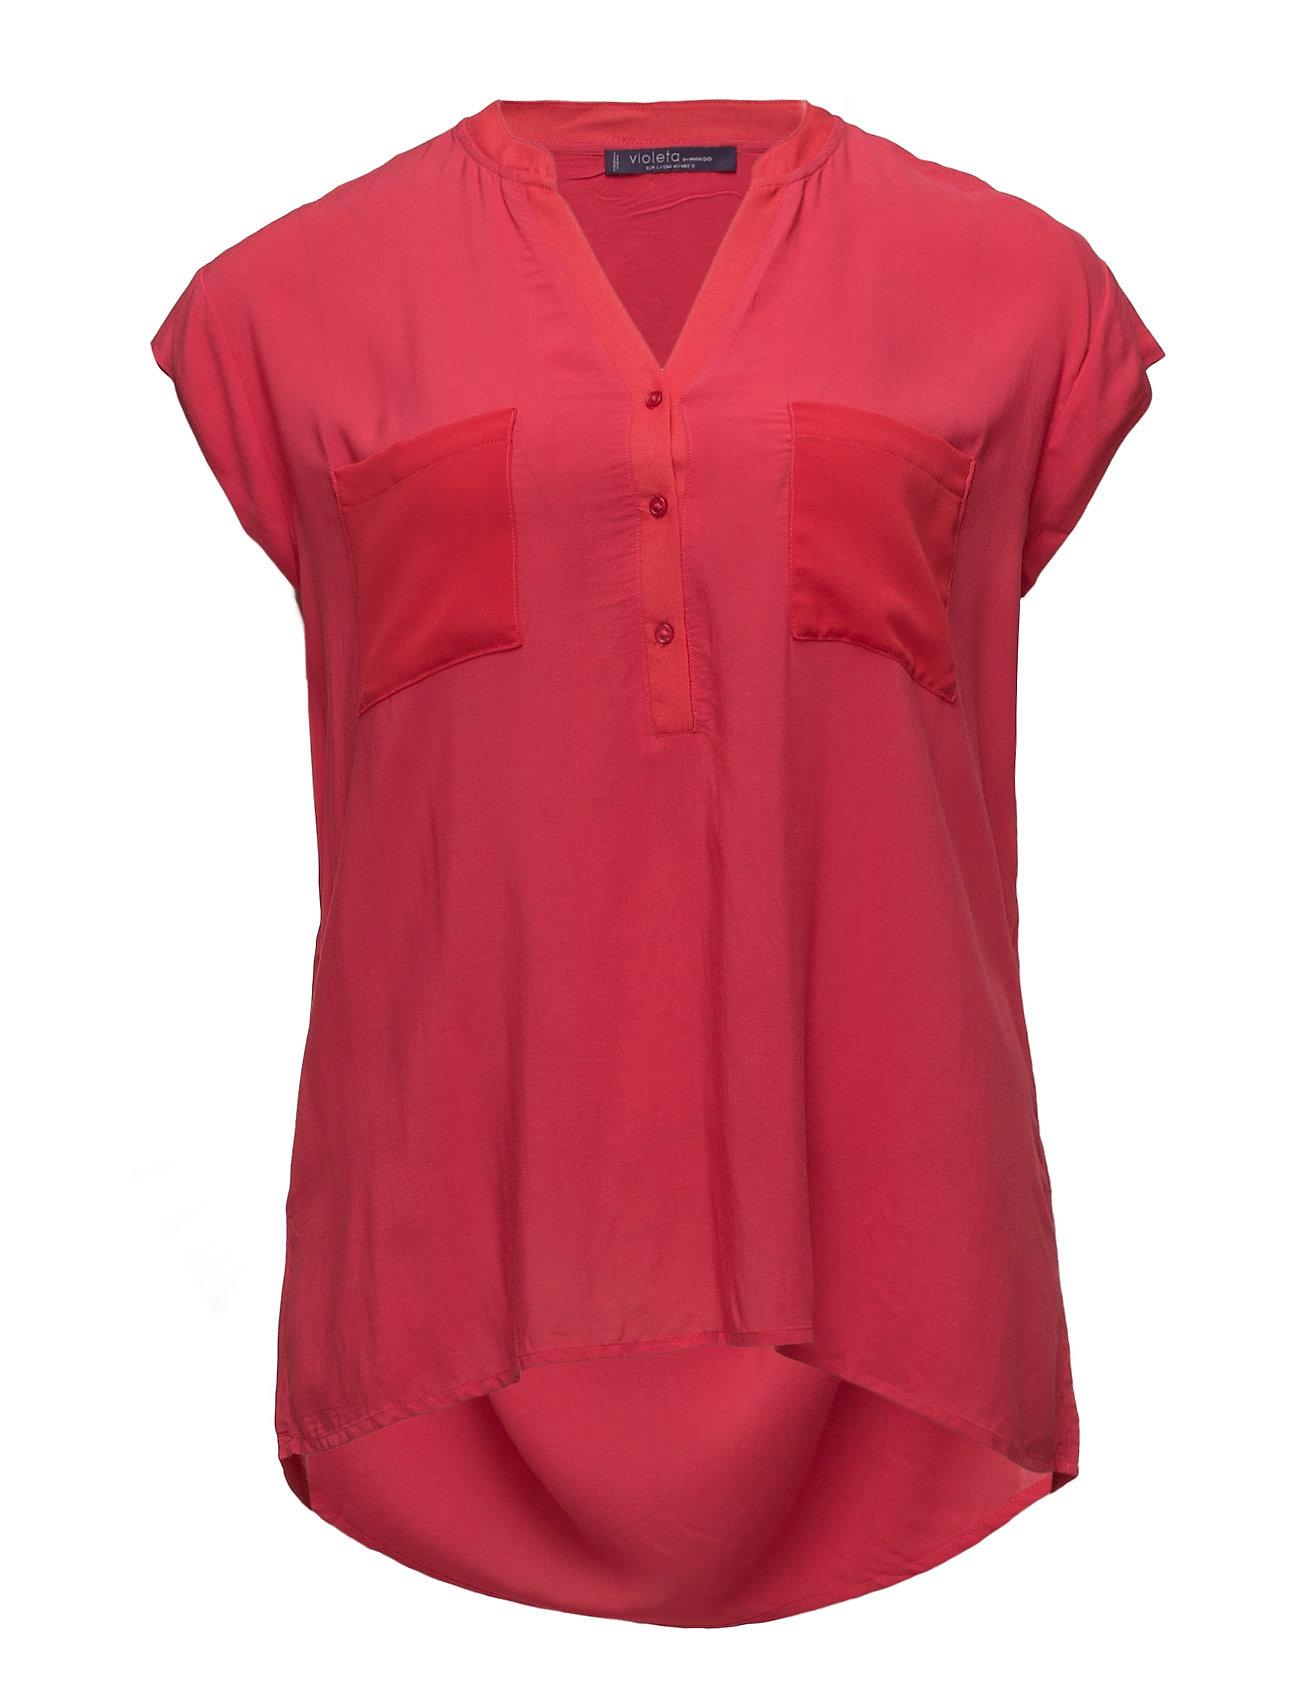 Chest-Pocket Flowy Blouse Violeta by Mango Kortærmede til Damer i Rød